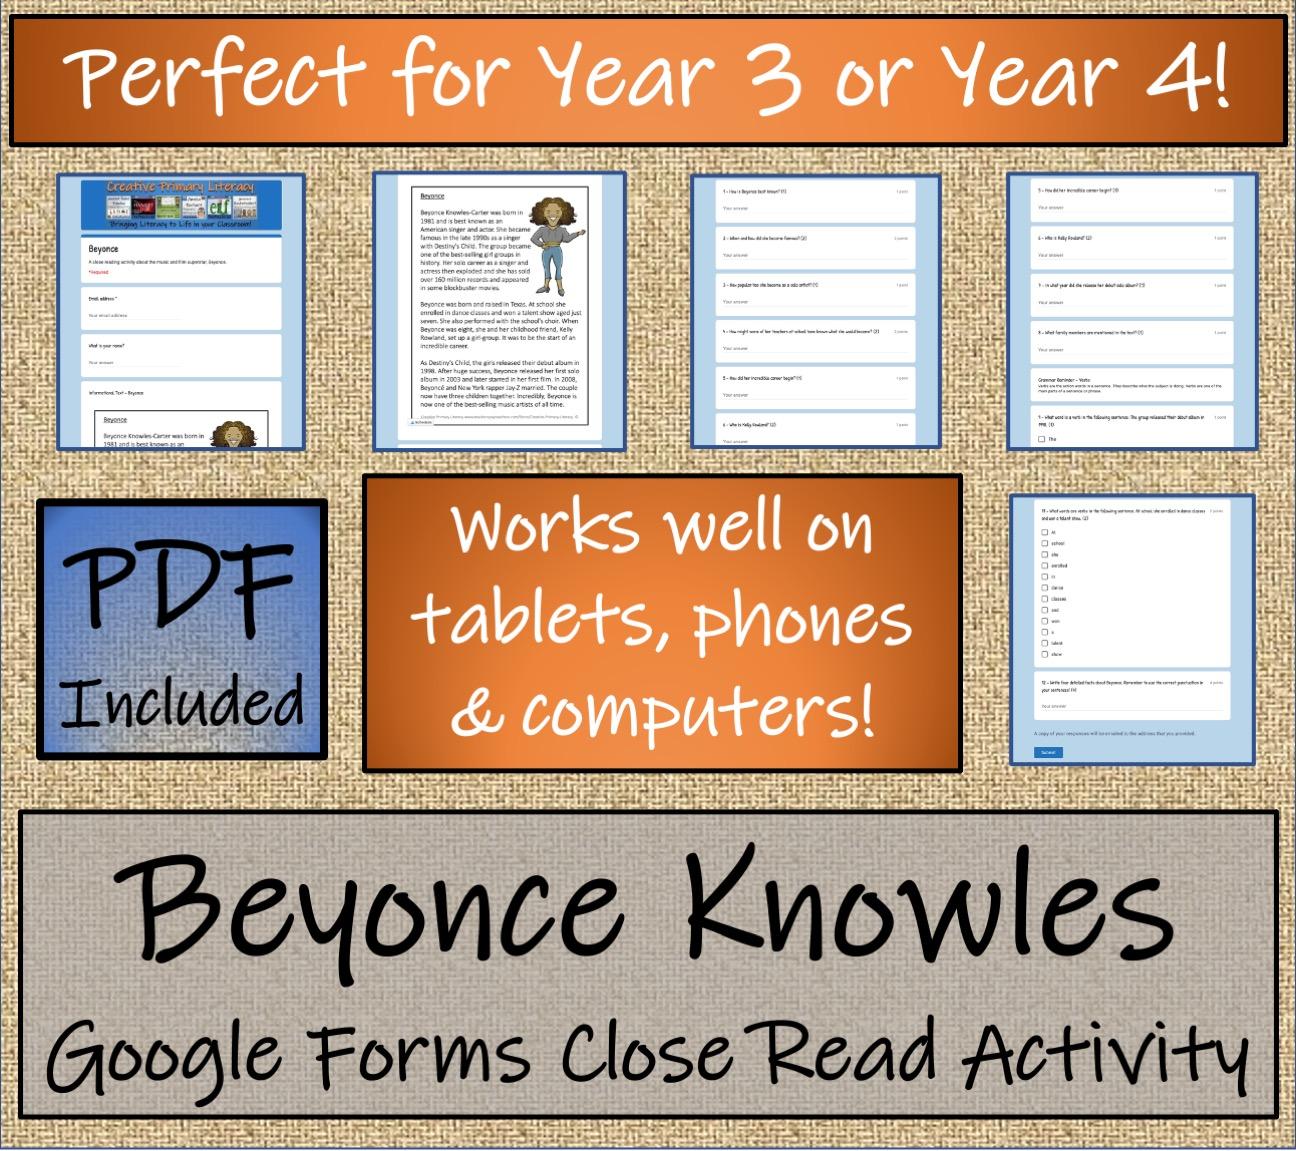 pdf, 80.74 KB